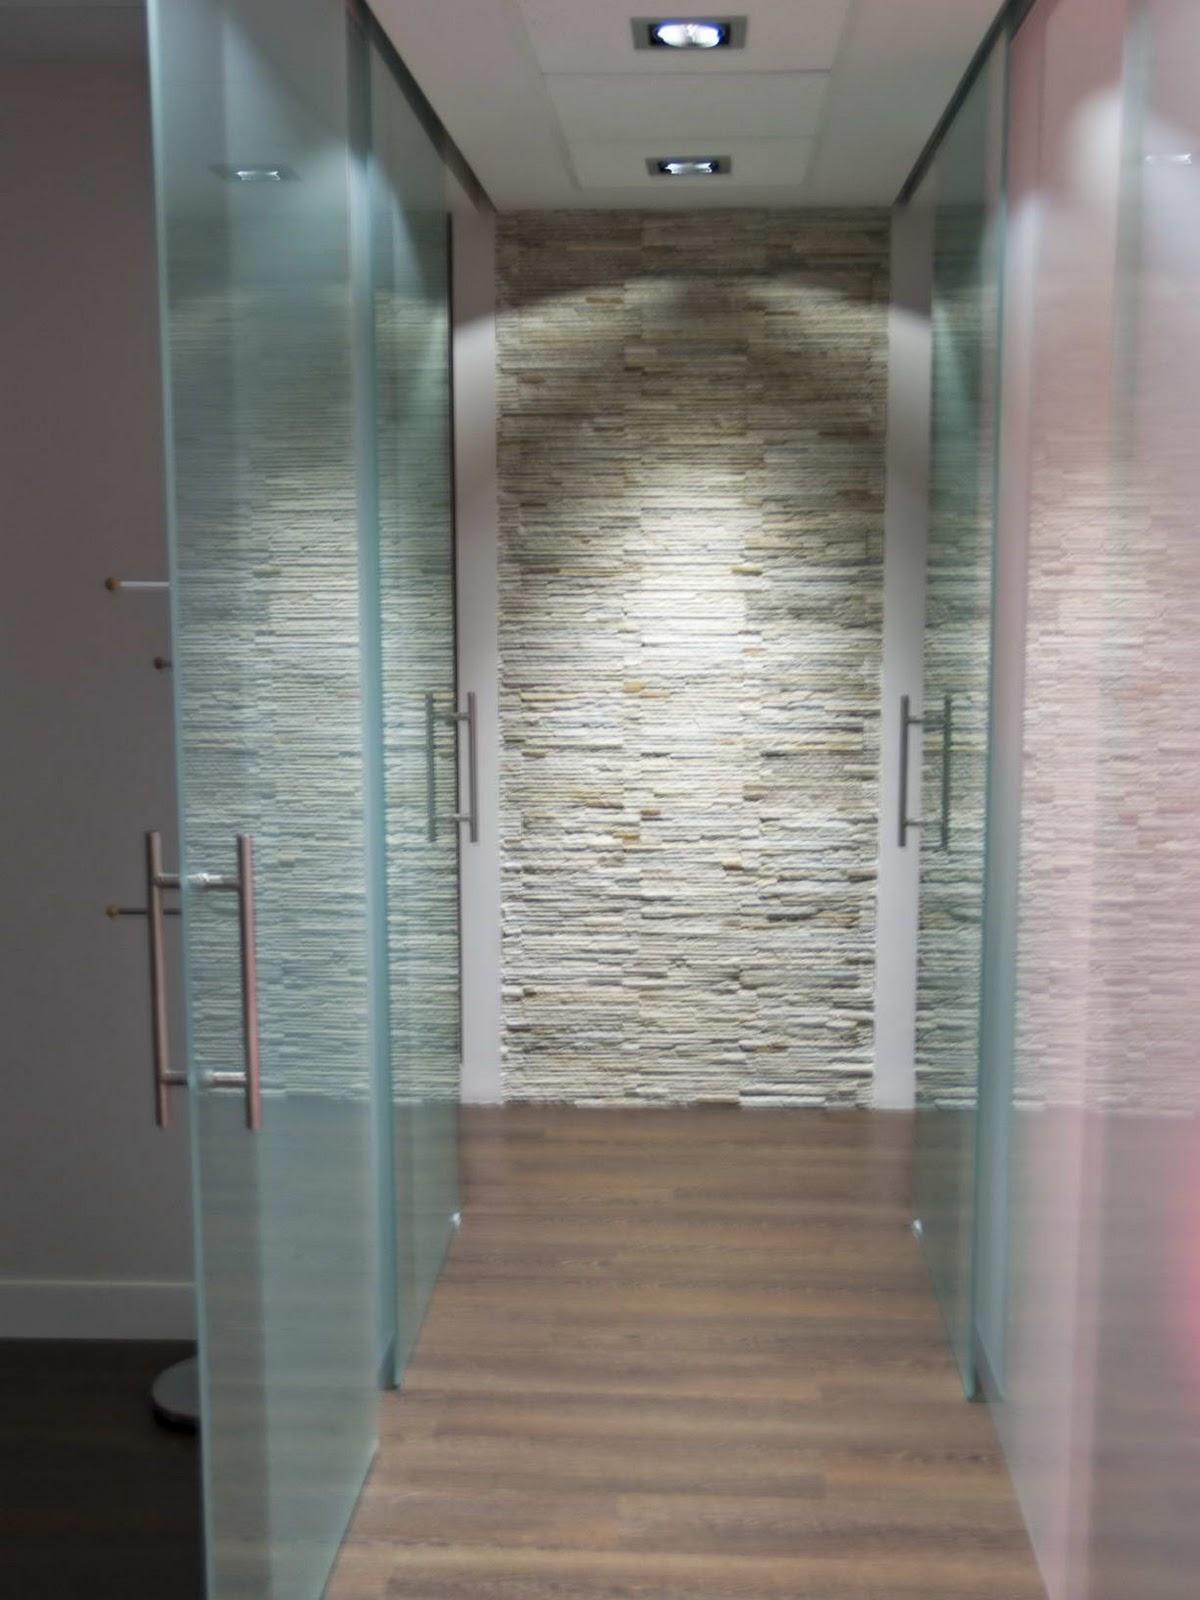 Baño General De Un Paciente En Ducha:miércoles, 14 de diciembre de 2011